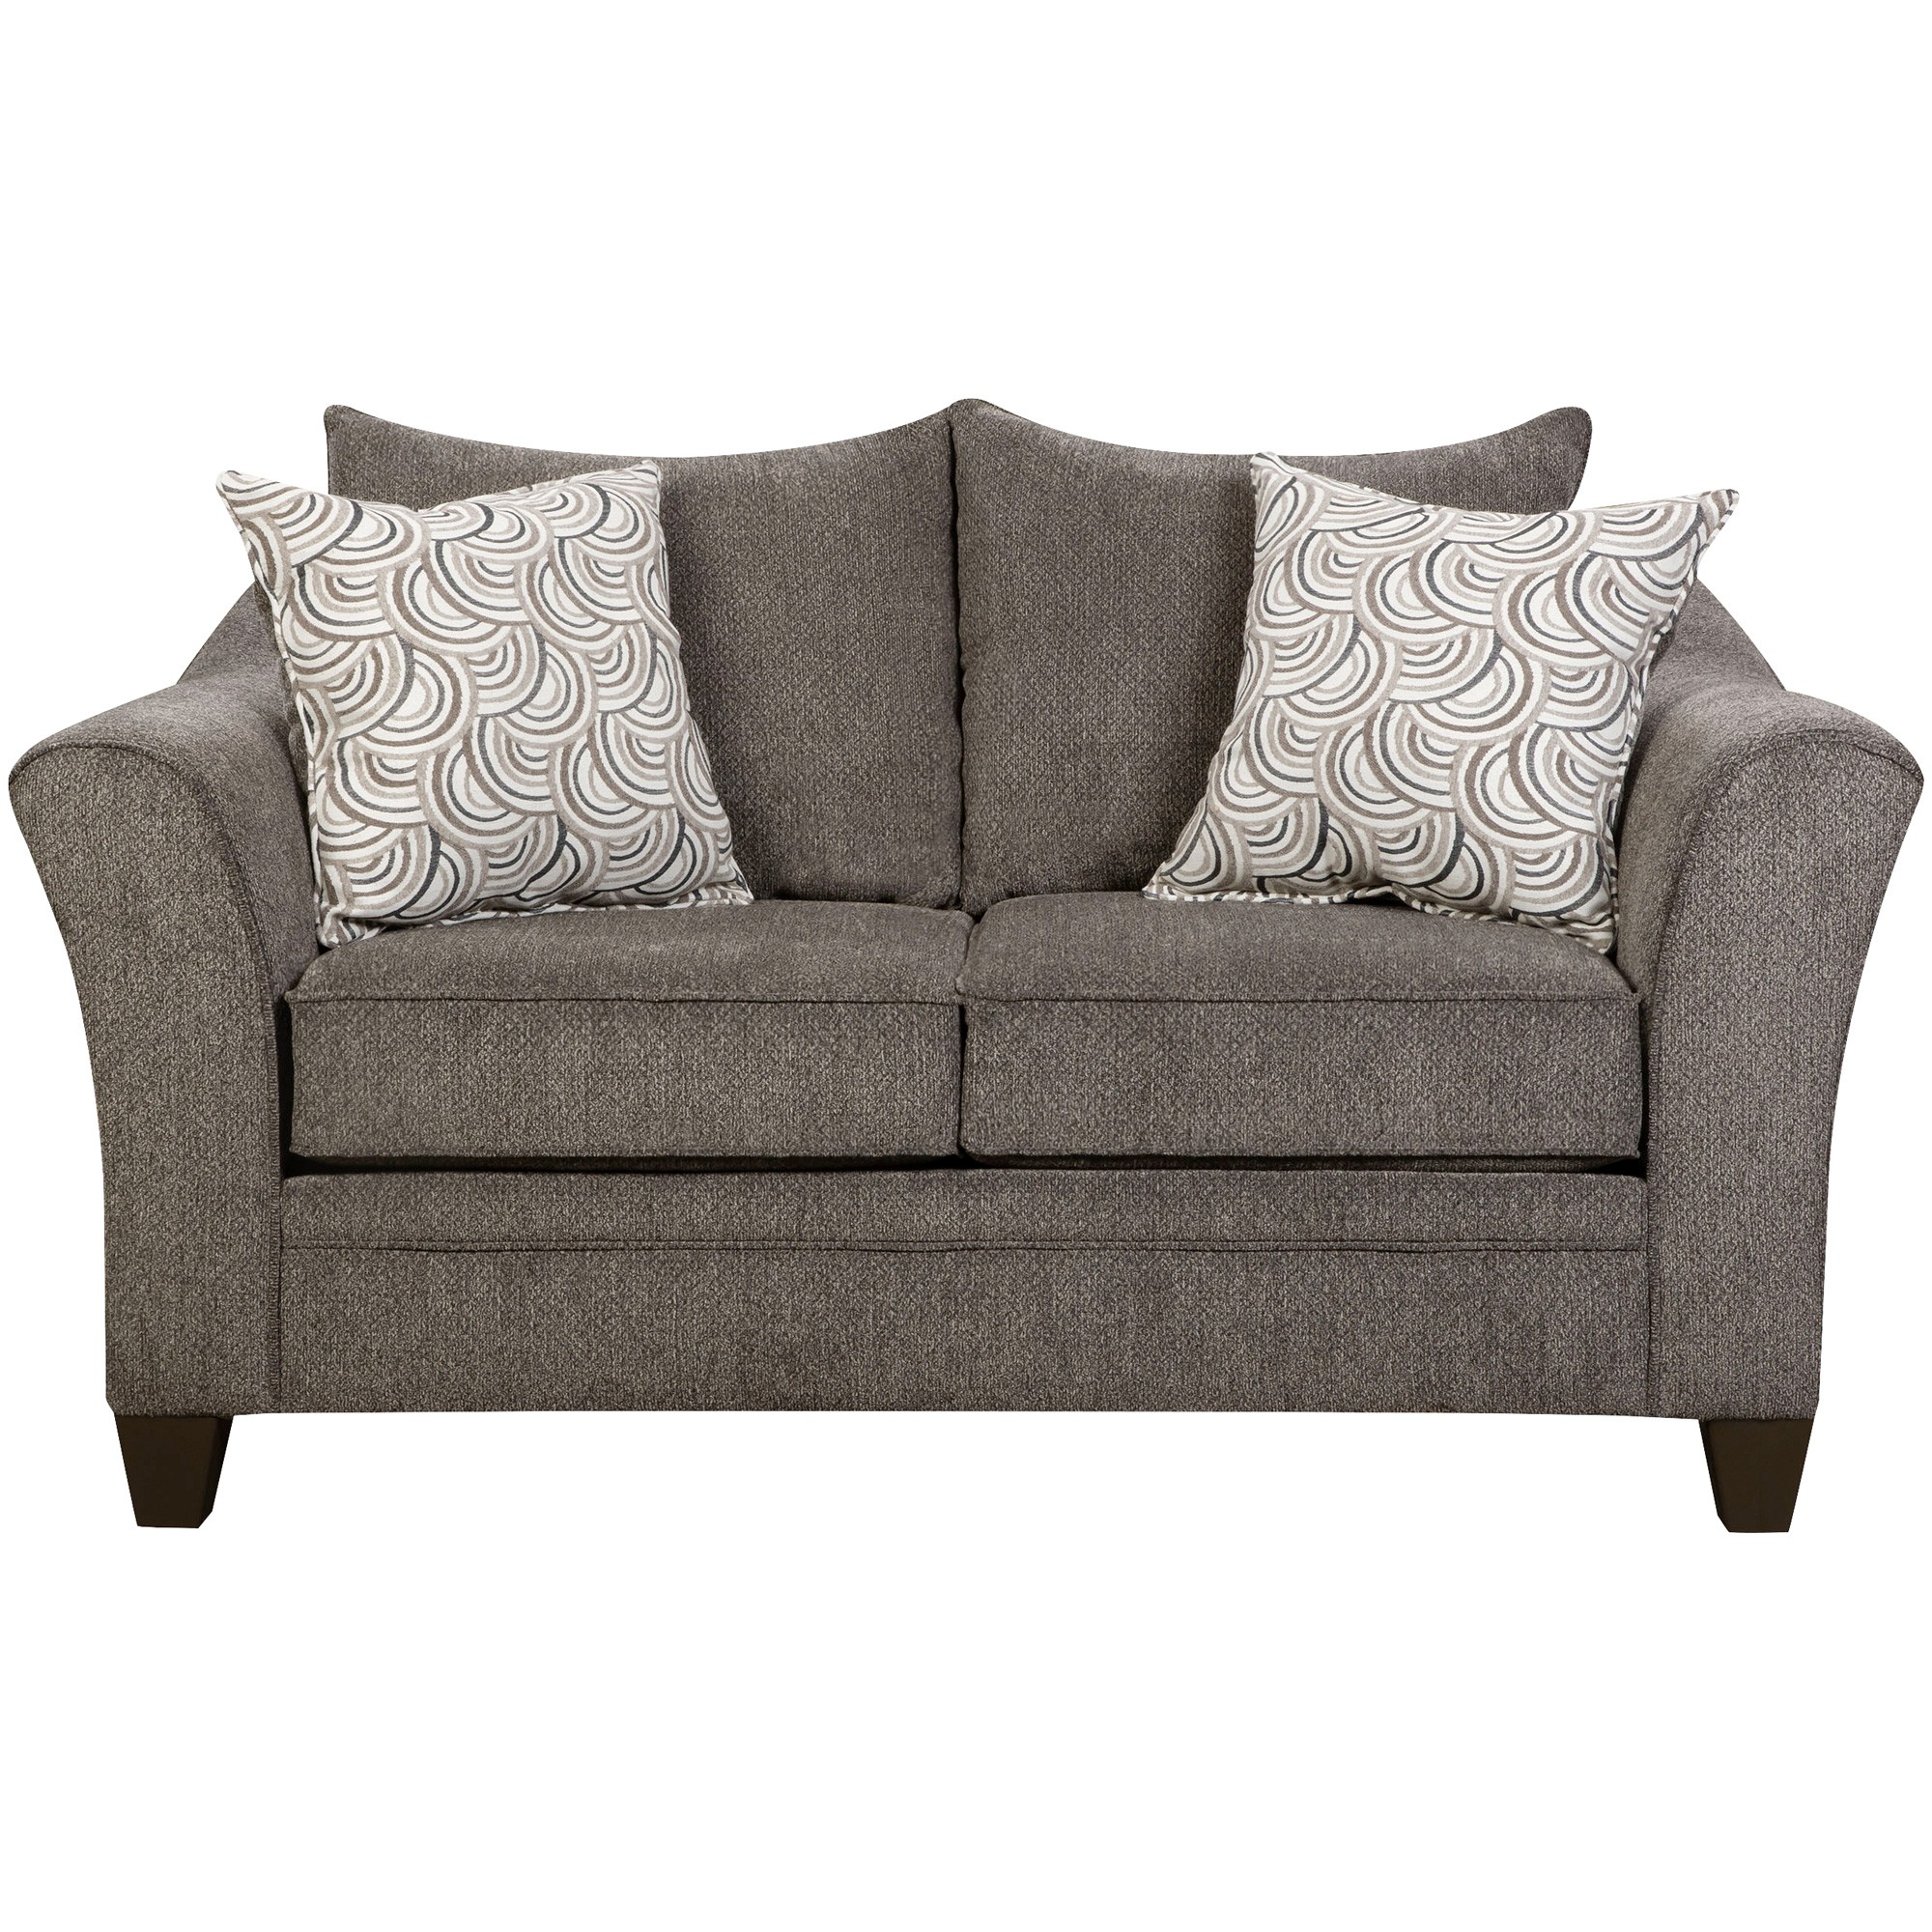 Lane Home Furnishings | Dash Pewter Loveseat Sofa